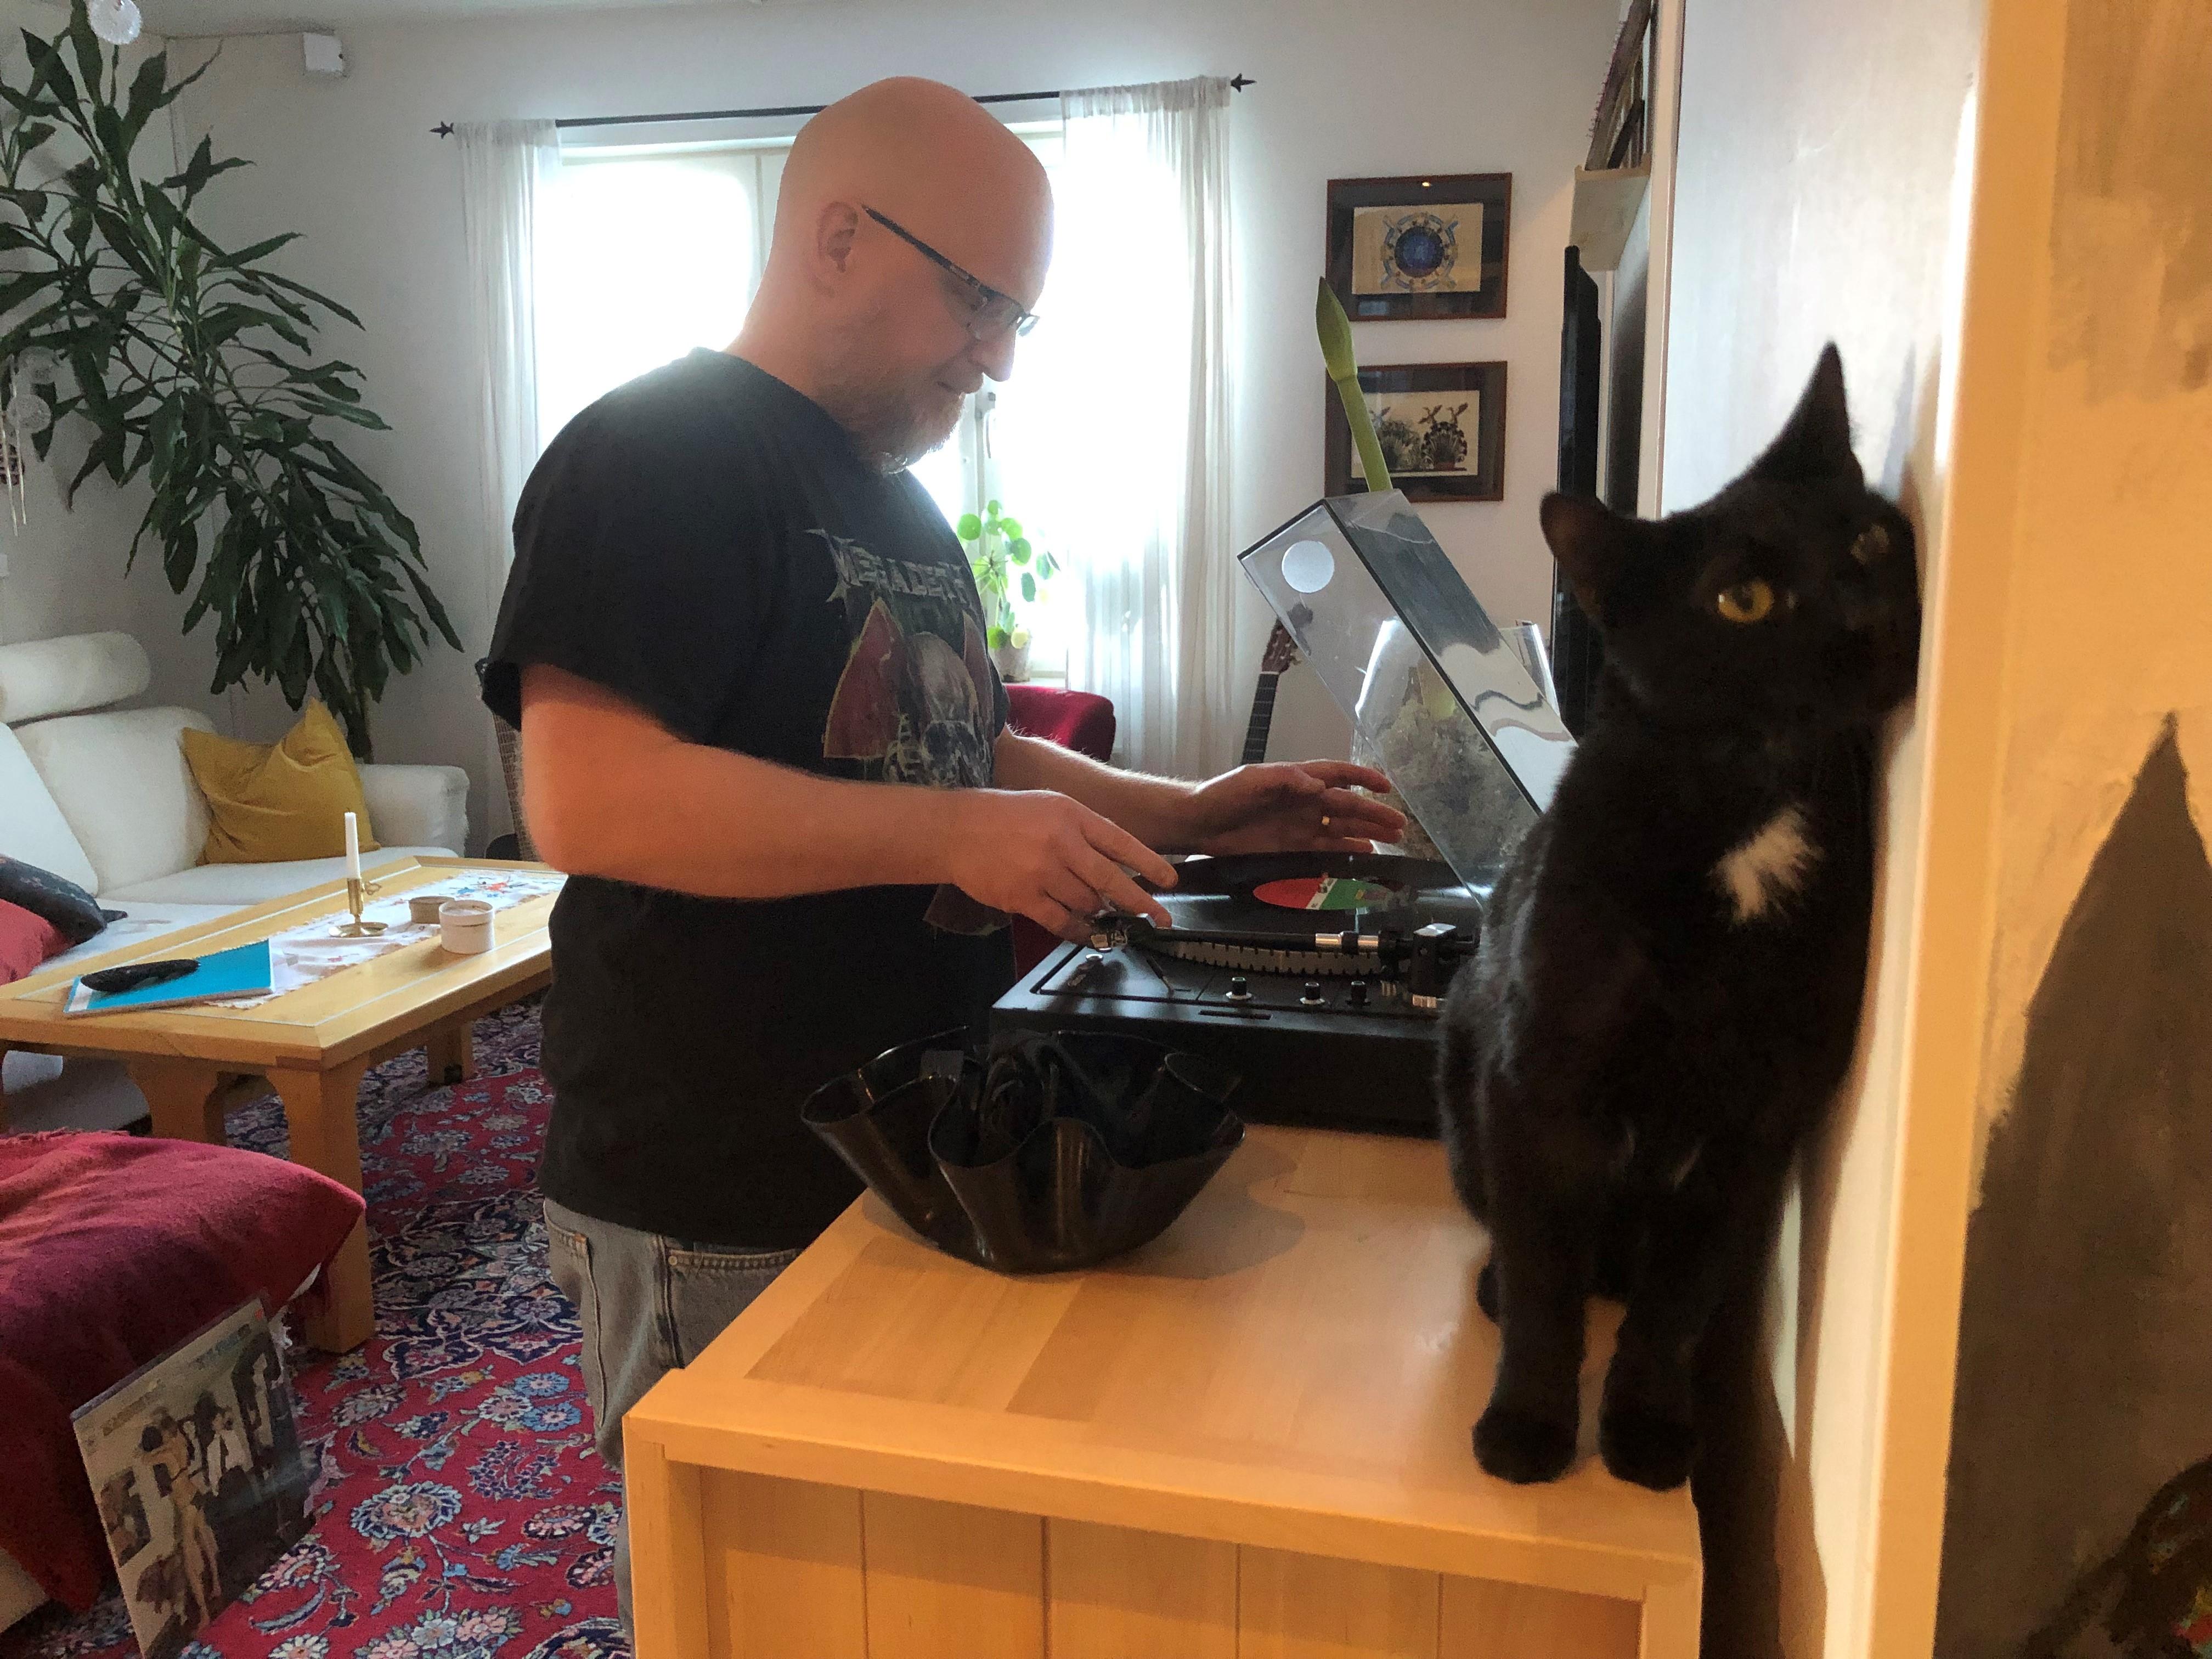 Kenneth laddar en vinylskriva i sin skrivspelare och den svarta katten står bredvid på steriobänken